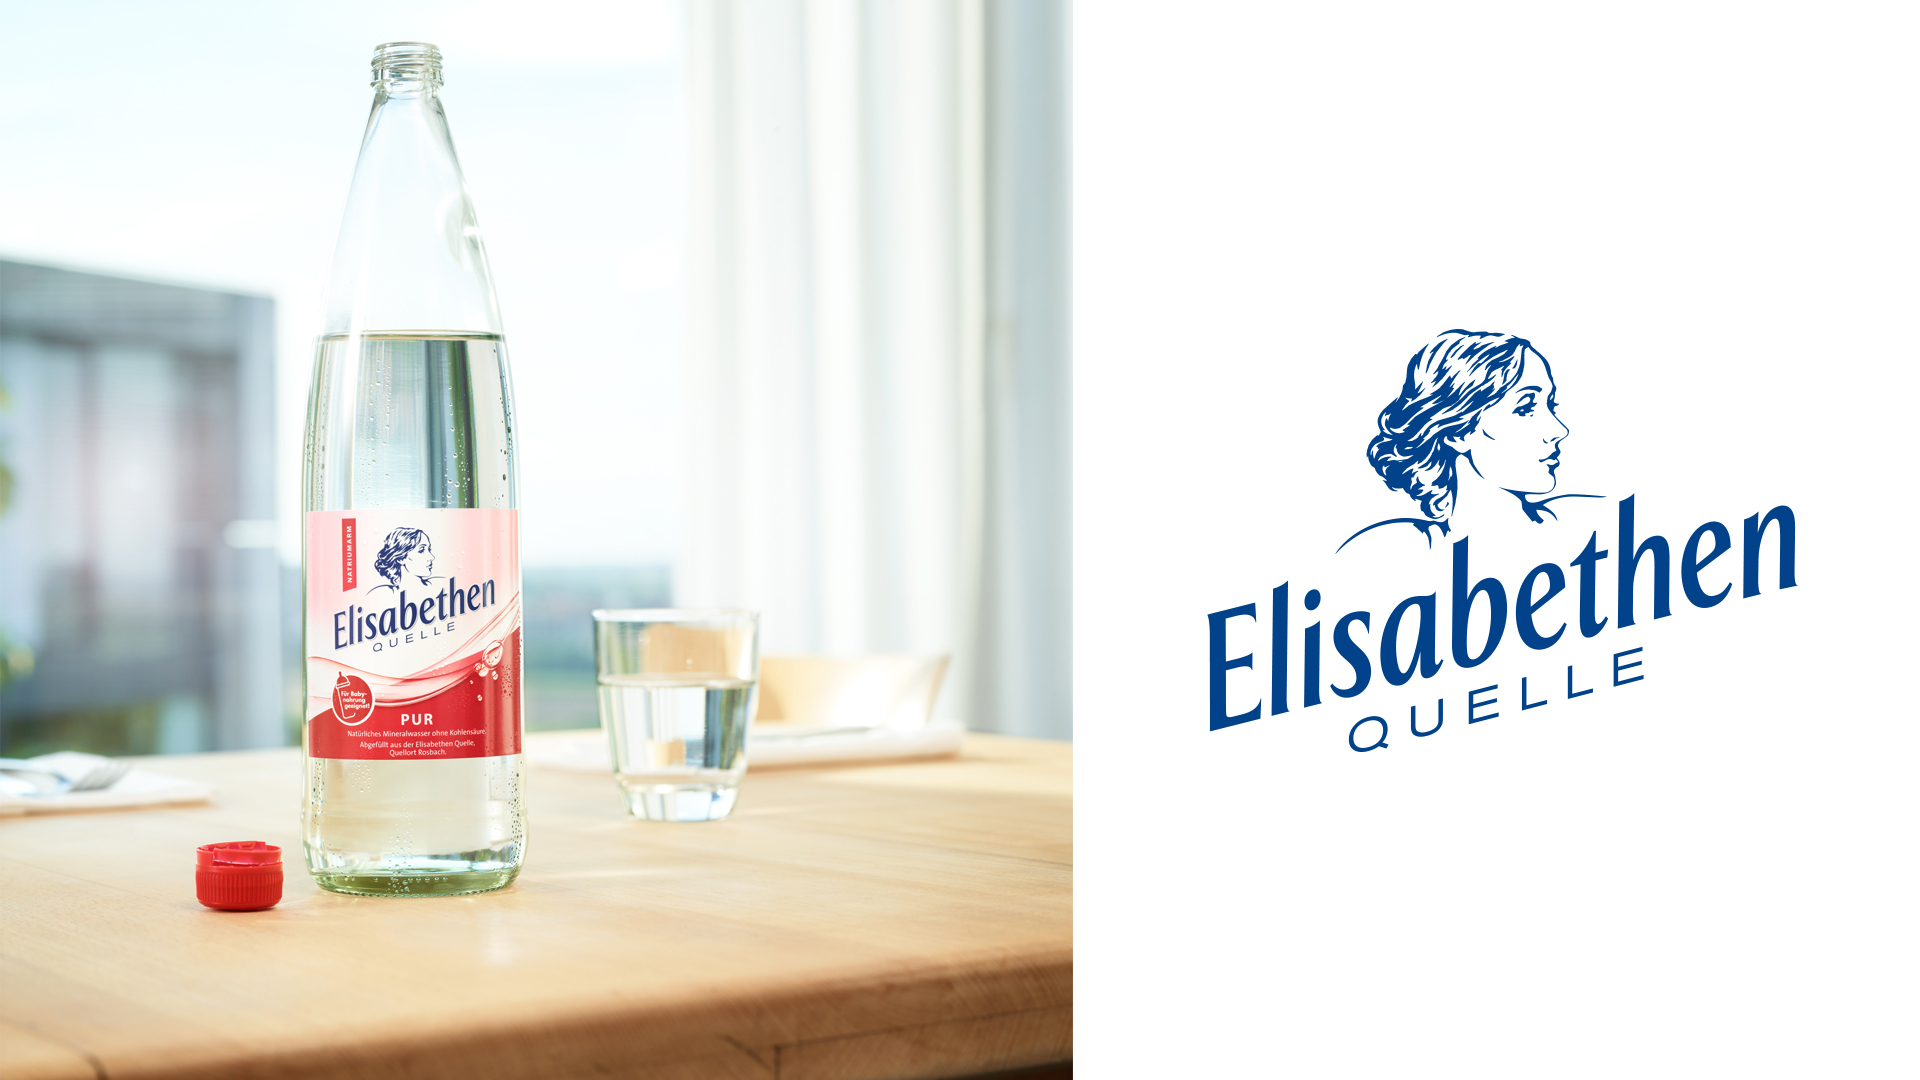 Elisabethenquelle Flasche Pur und Logo